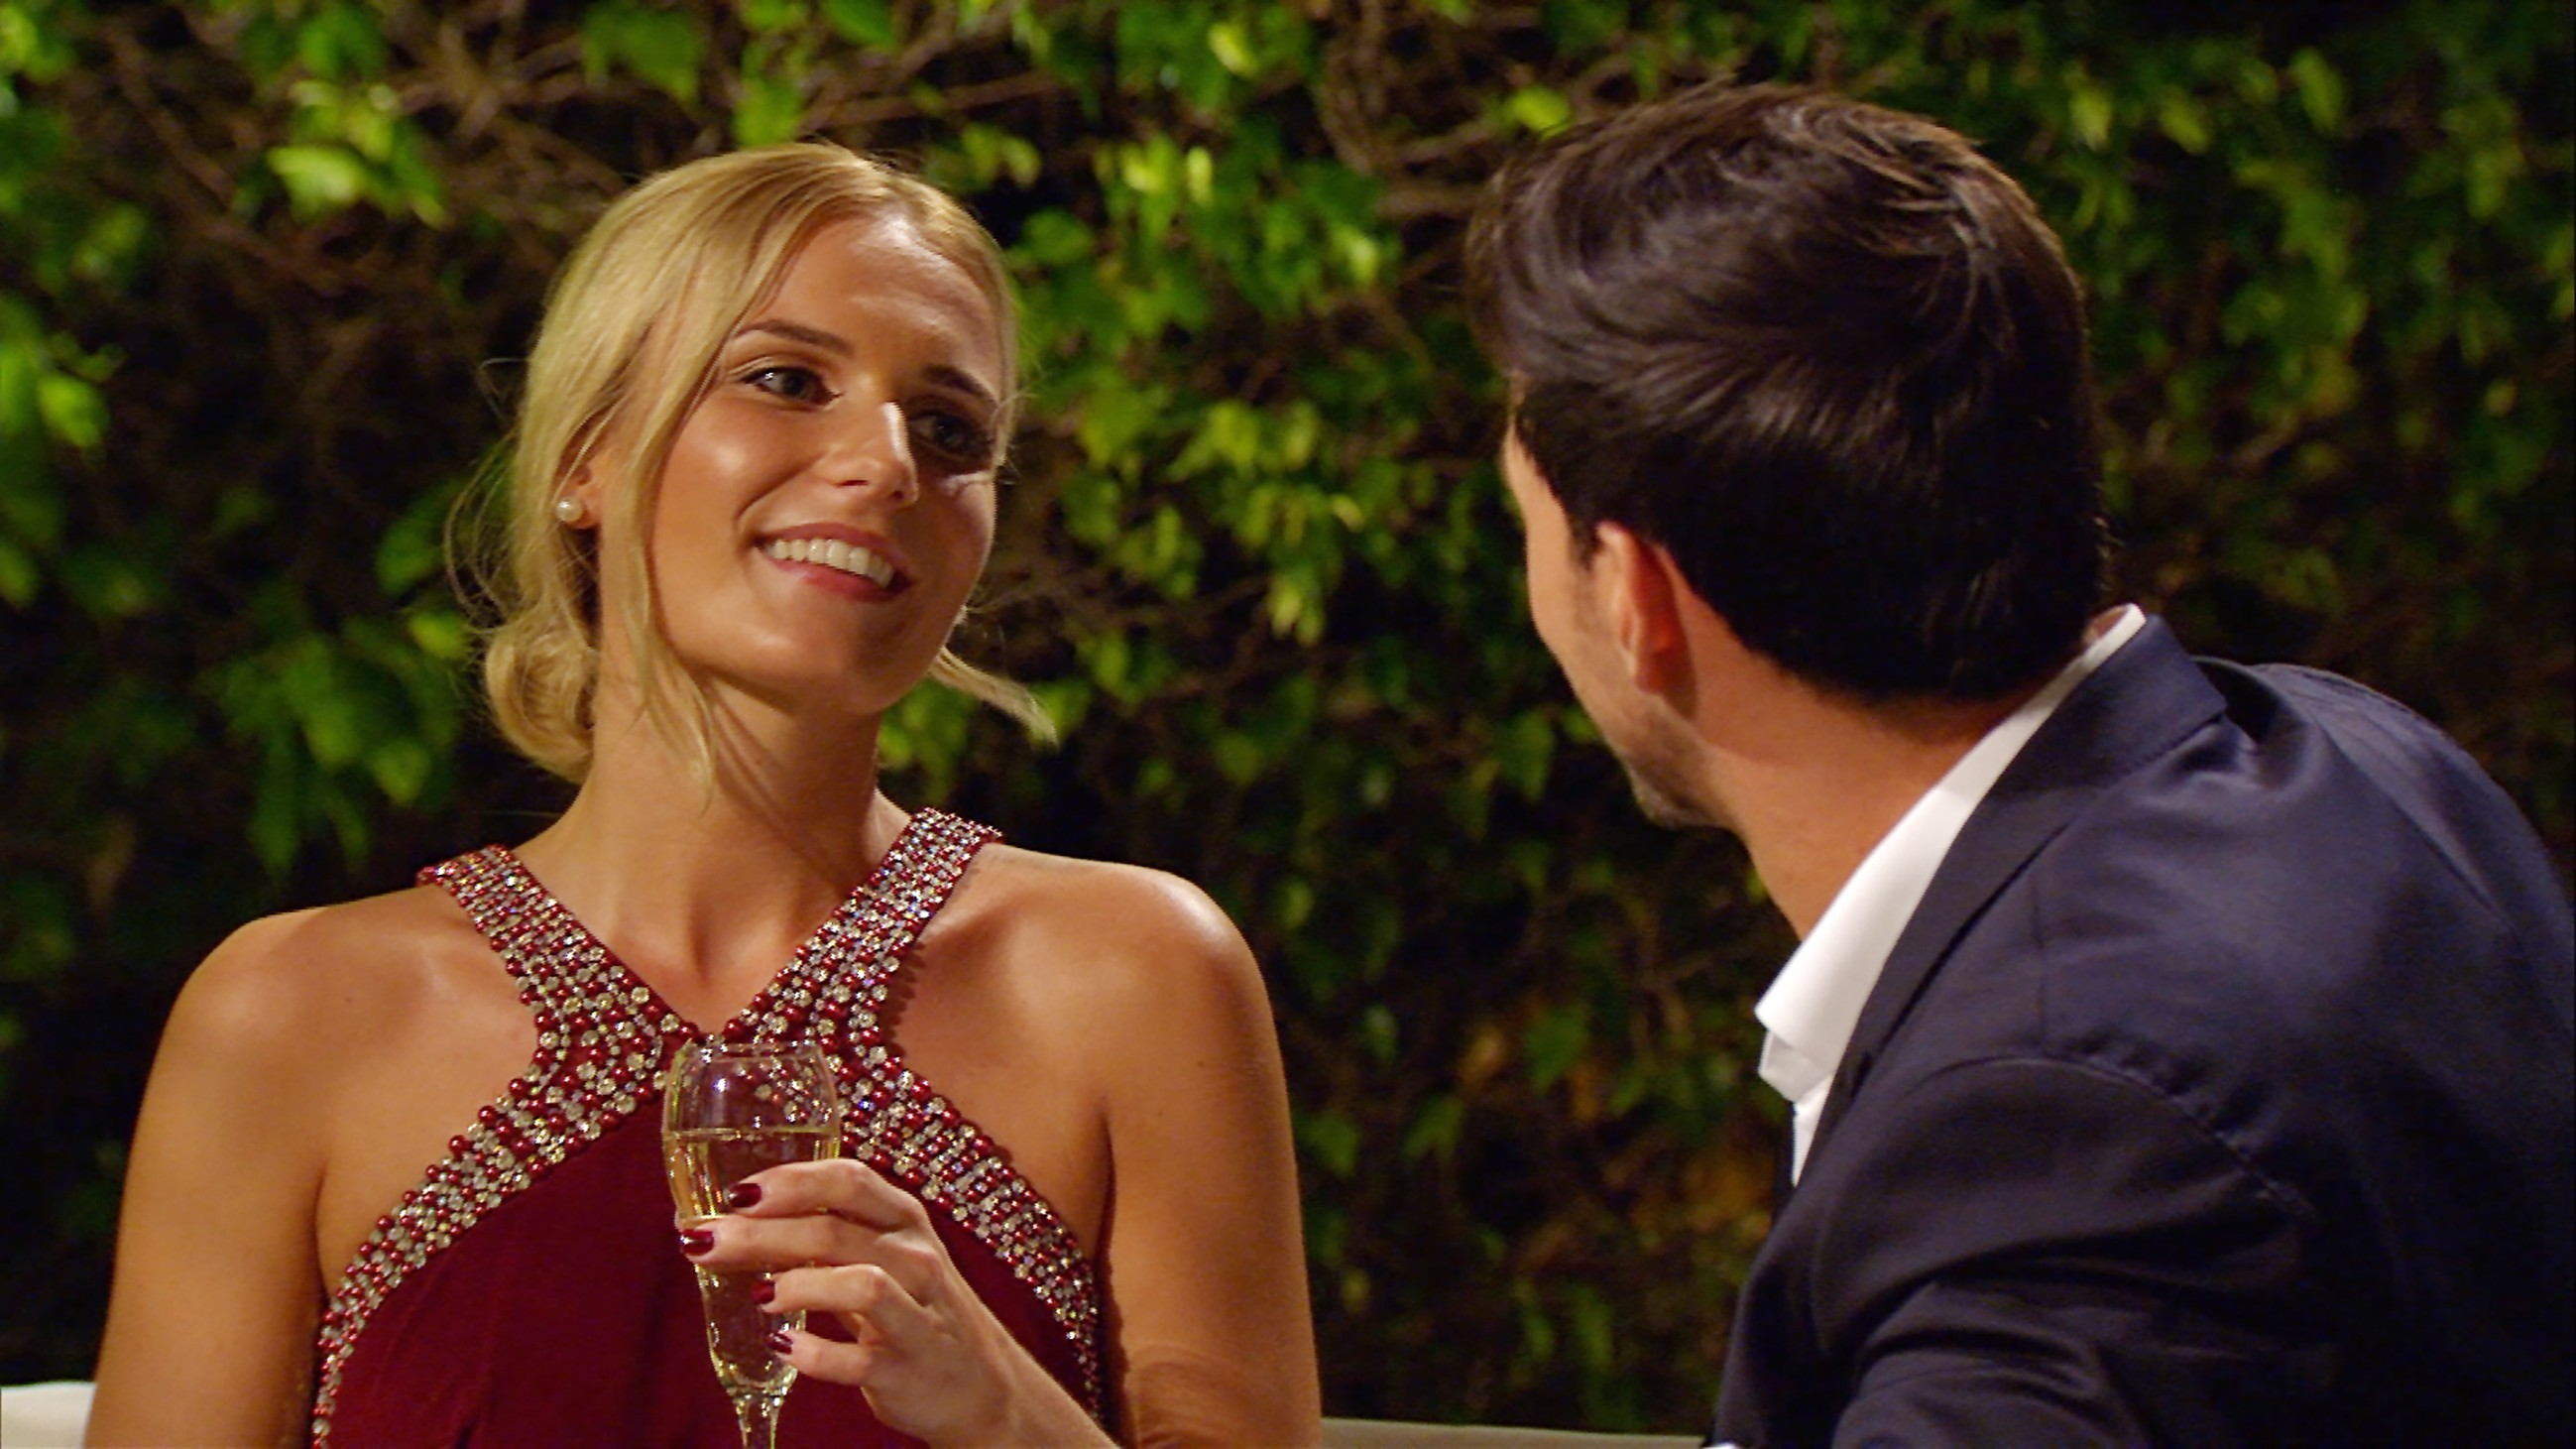 Der Bachelor 2016 Folge 1 - Leonard und Romina unterhalten sich